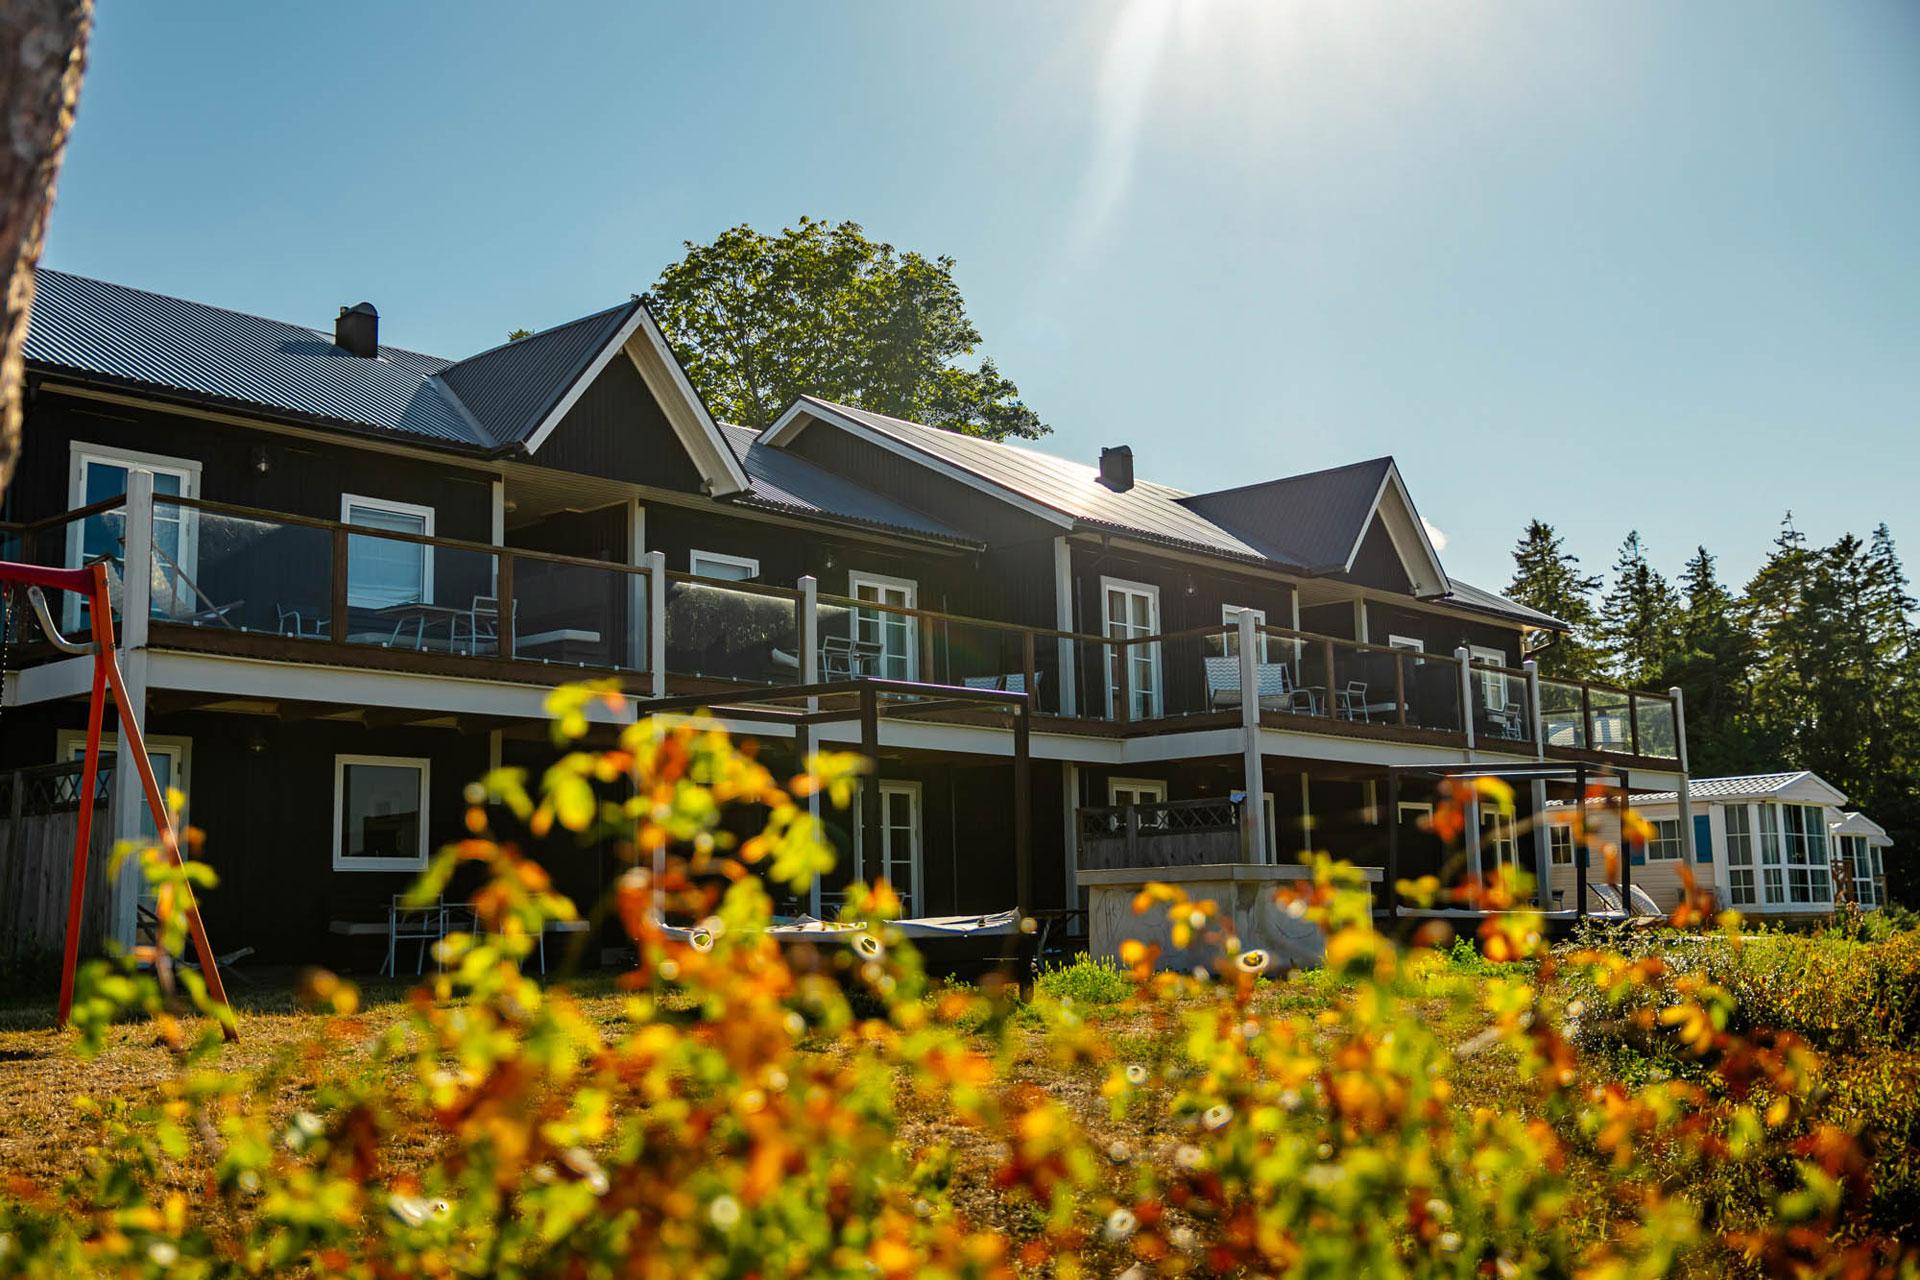 Hyra lägenhet på Gotland, Kneippbyn Resort